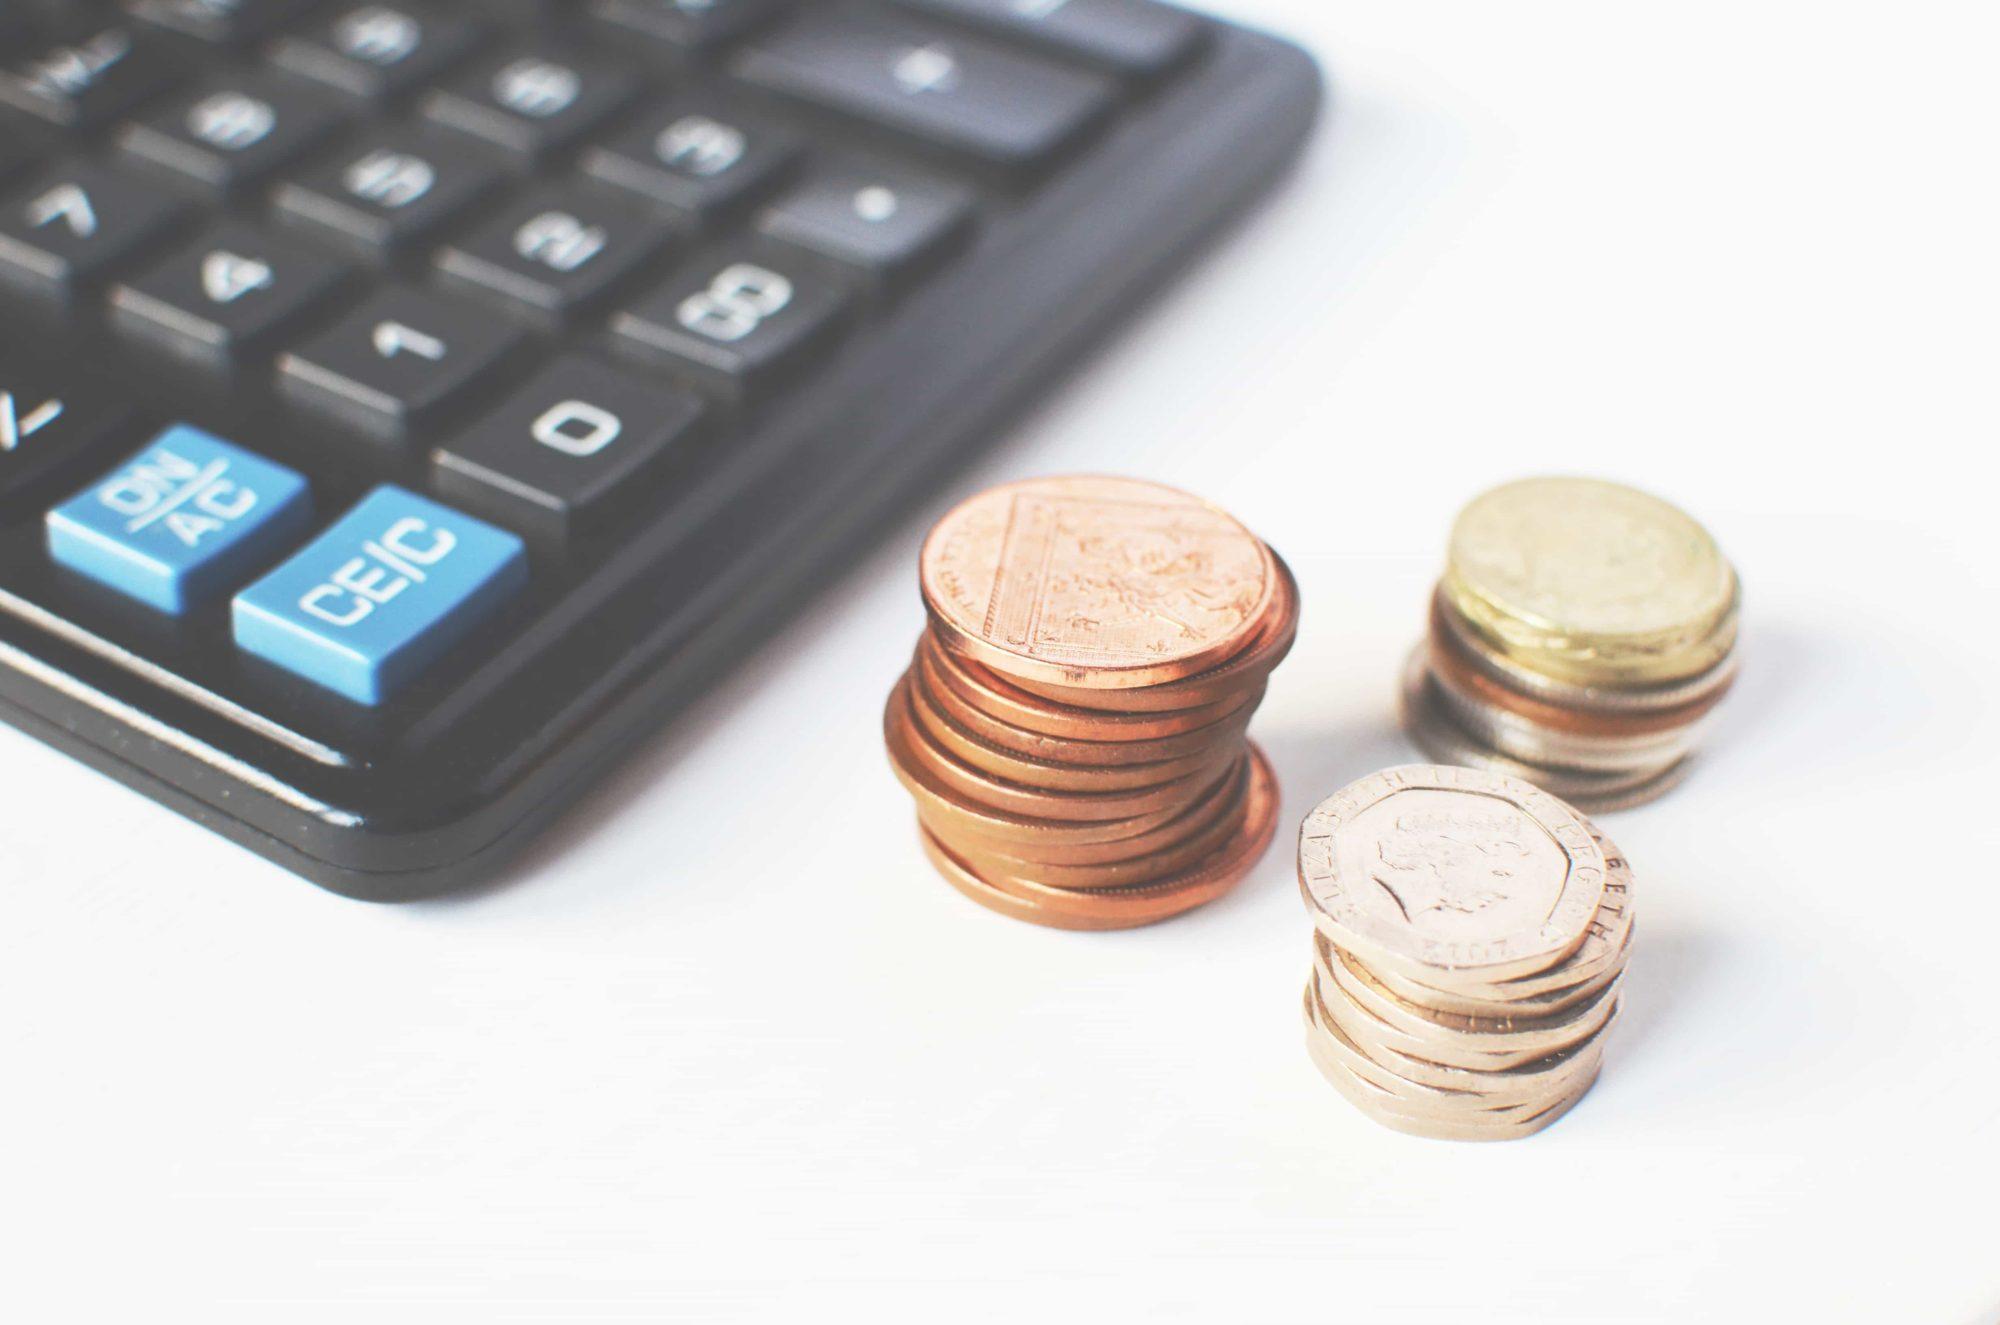 КАСКО онлайн калькулятор 2019 — расчет стоимости полиса